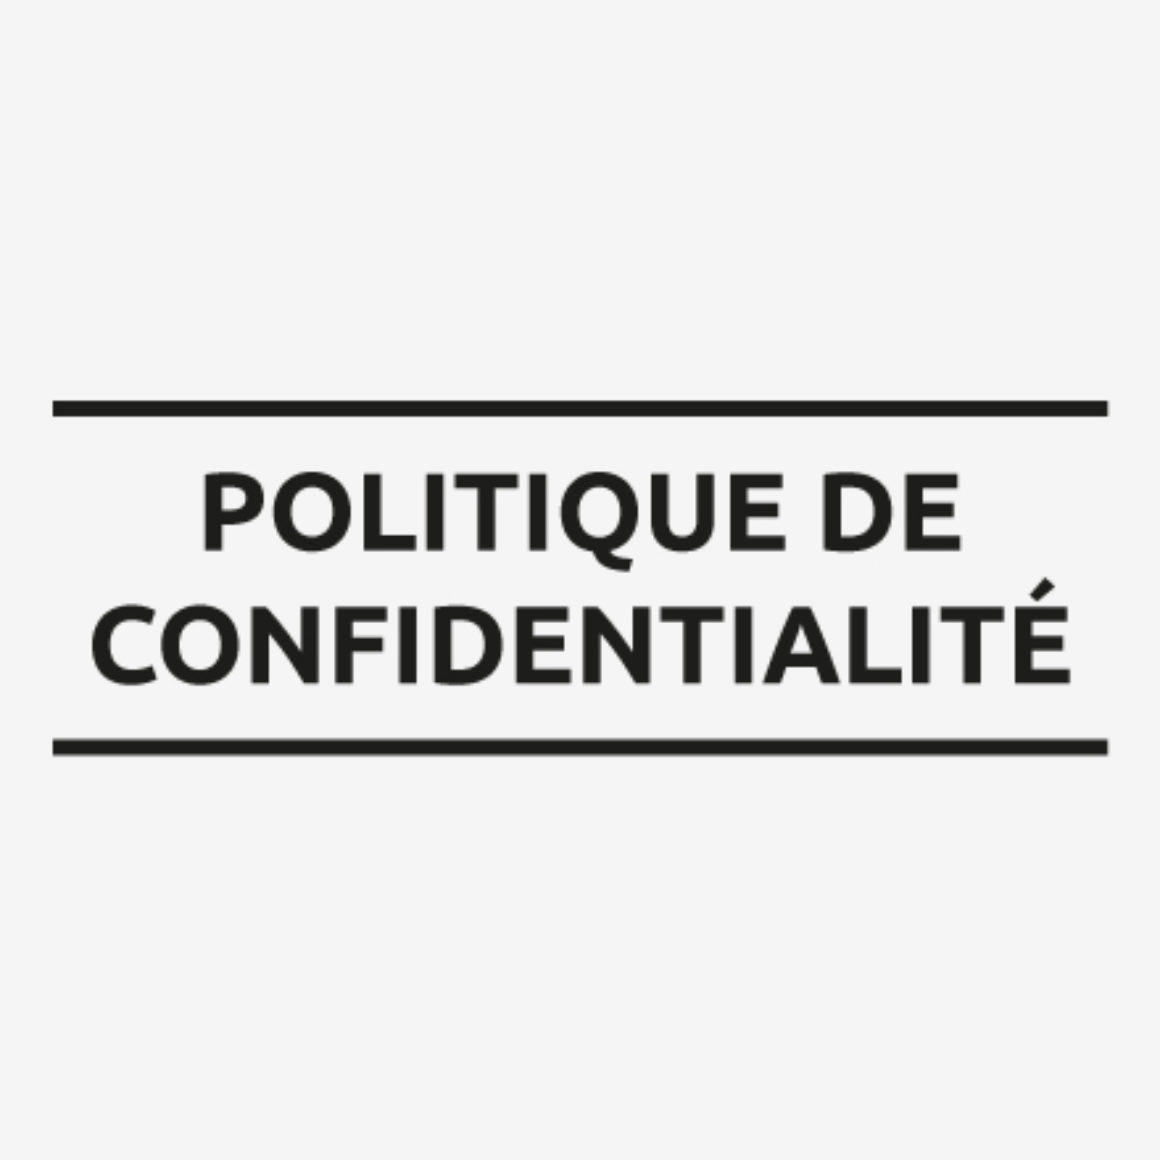 POLITIQUE-CONFIDENTIALITE